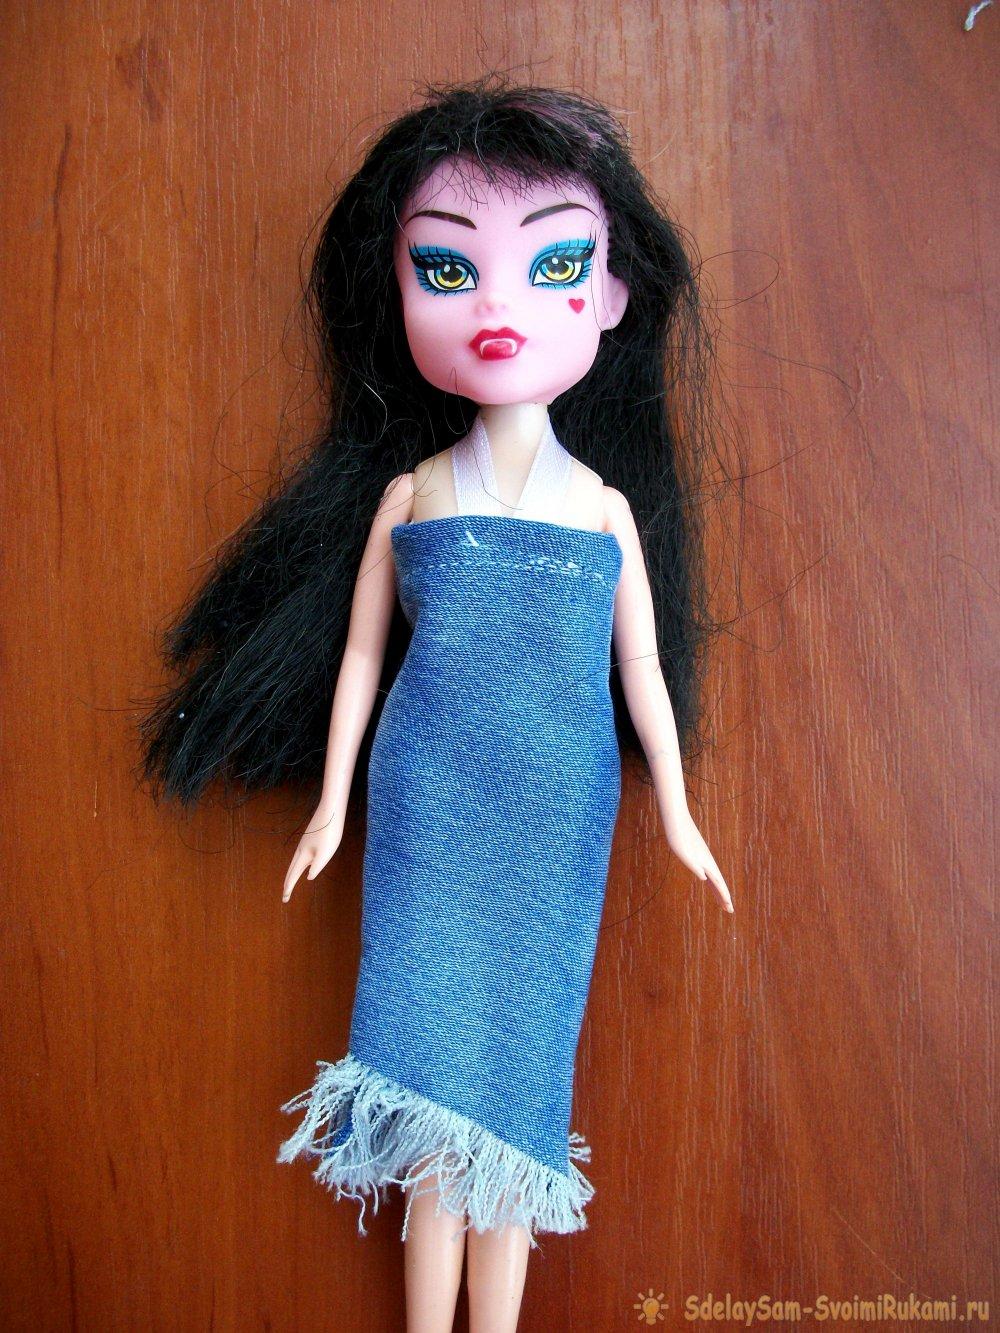 325Как кукле сшить платье быстро и без выкройки